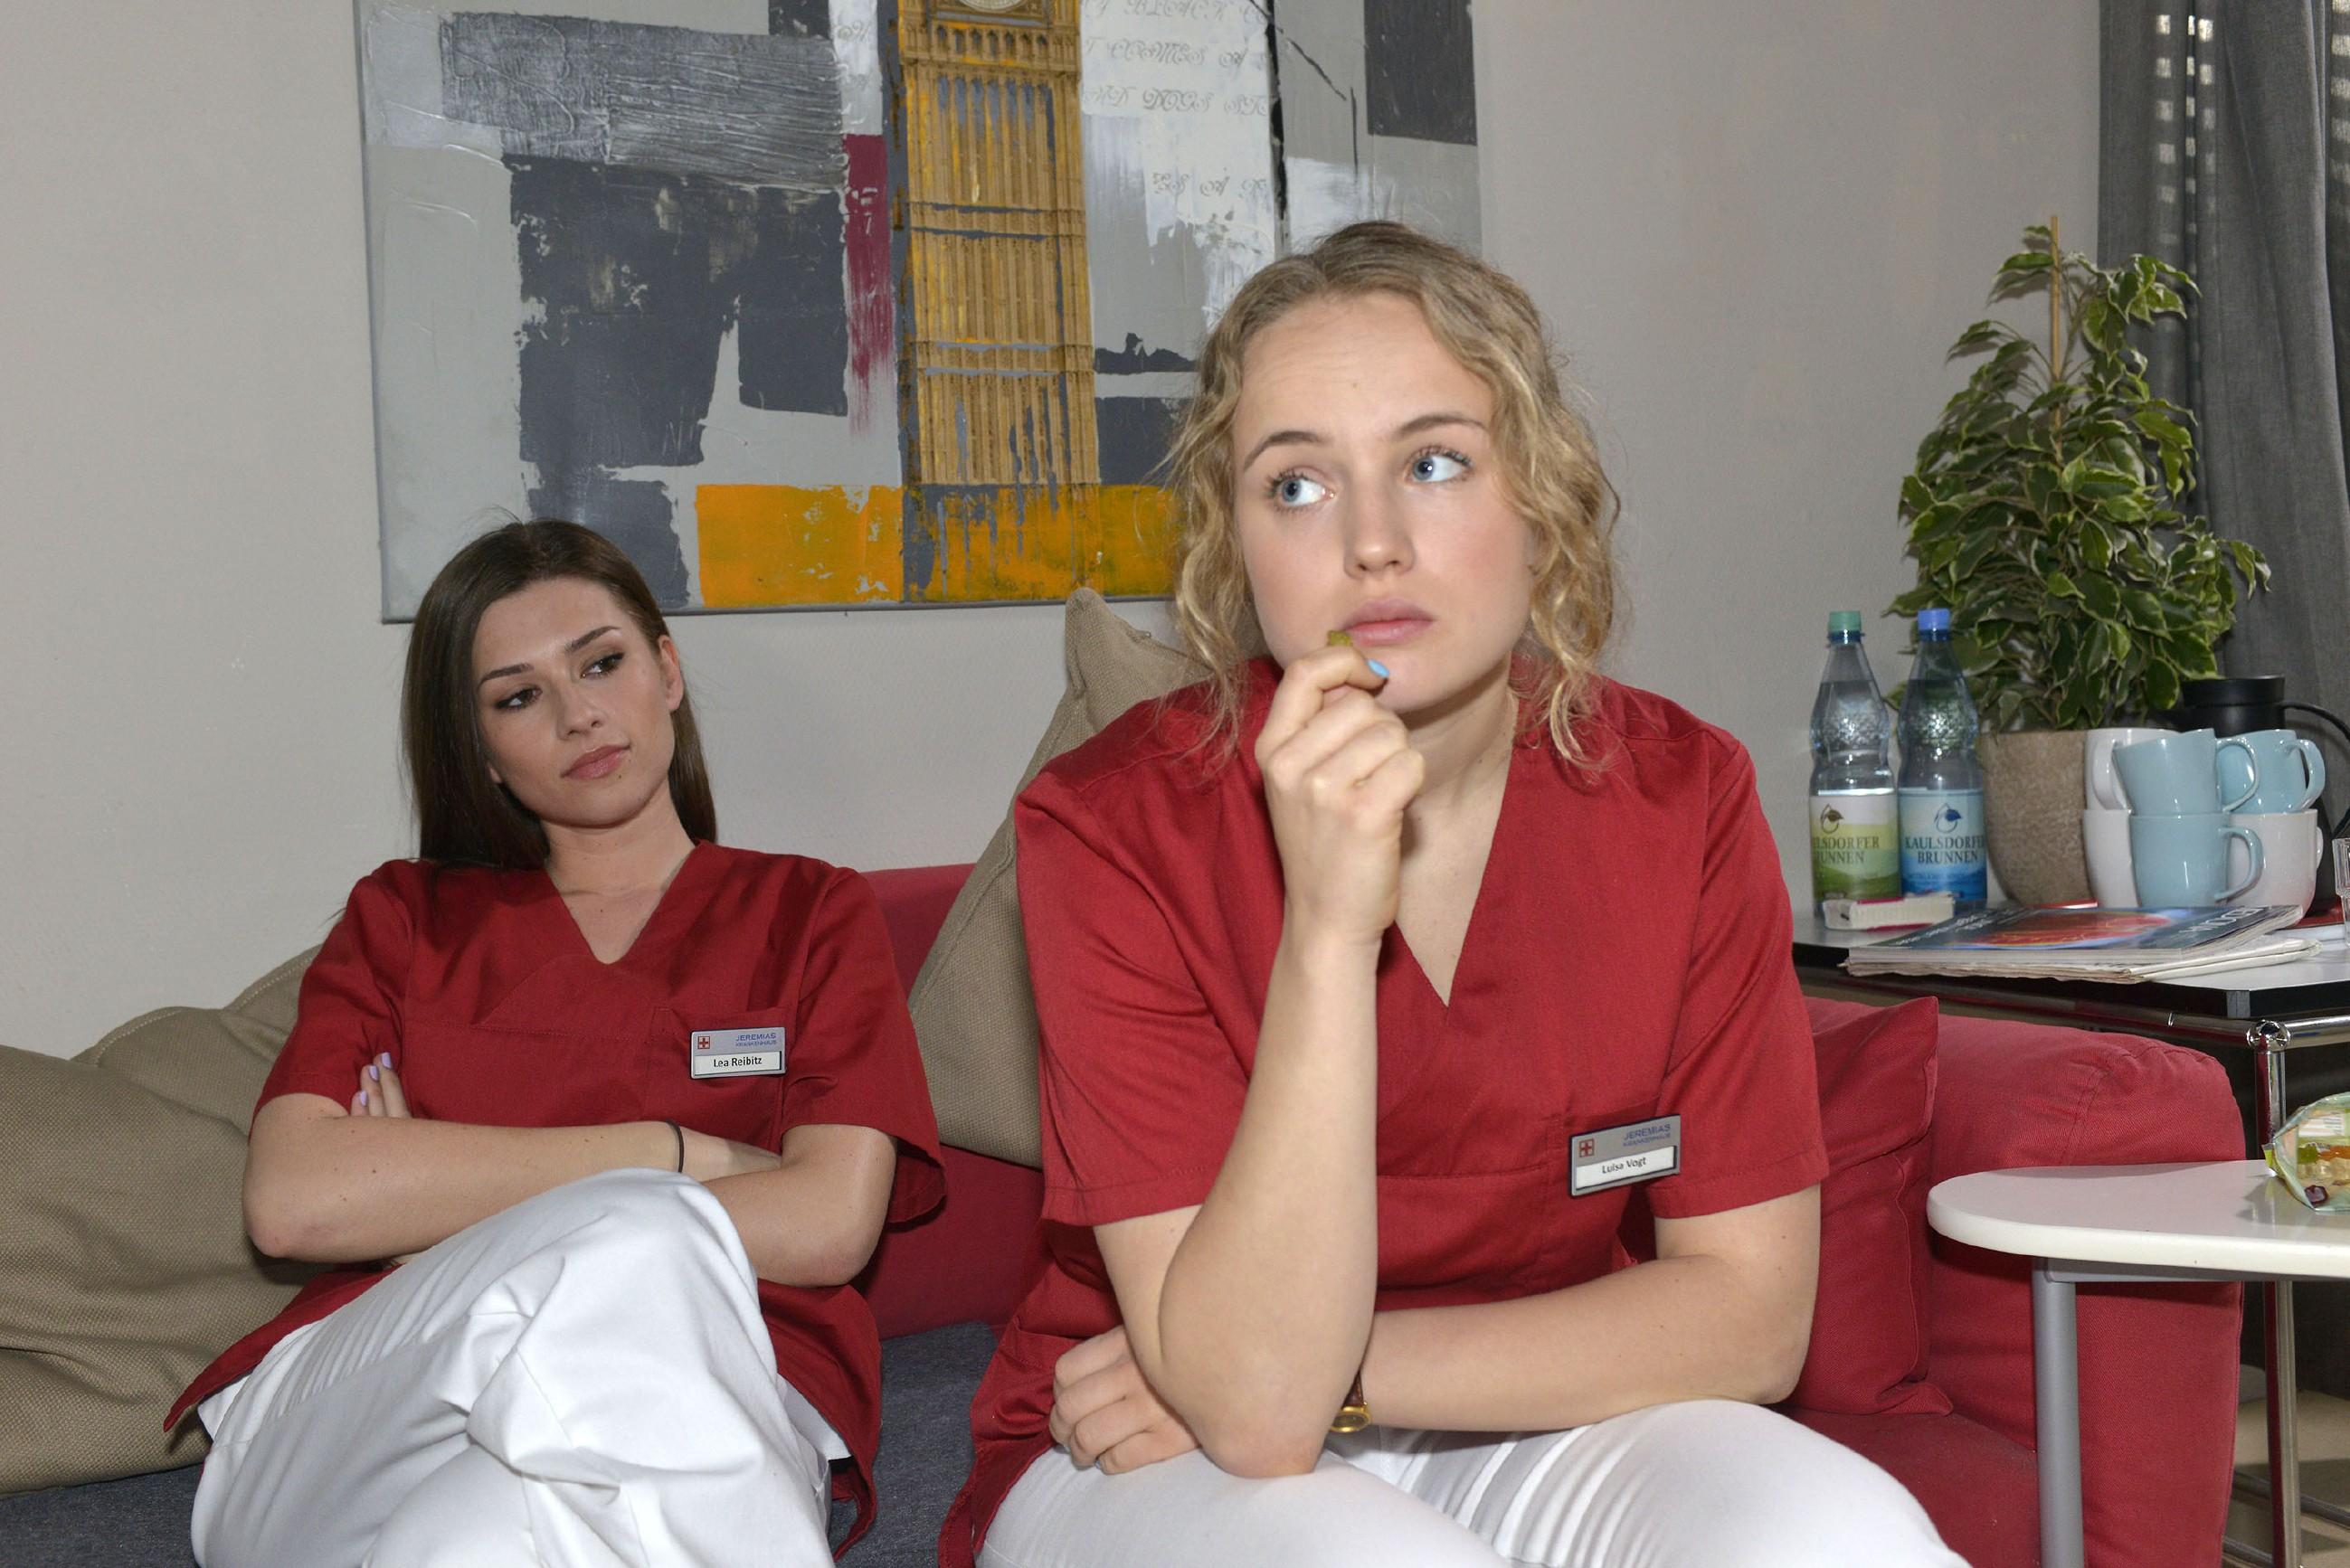 Jule (Luise von Finckh, r.) fragt sich in Gegenwart von Lea (Susanna Okonowski) besorgt, was hinter Tuners Herzbeschwerden steckt. Wenn die Diagnose so harmlos ist, wieso darf sie die Ursache dann nicht wissen?! (Quelle: RTL / Rolf Baumgartner)